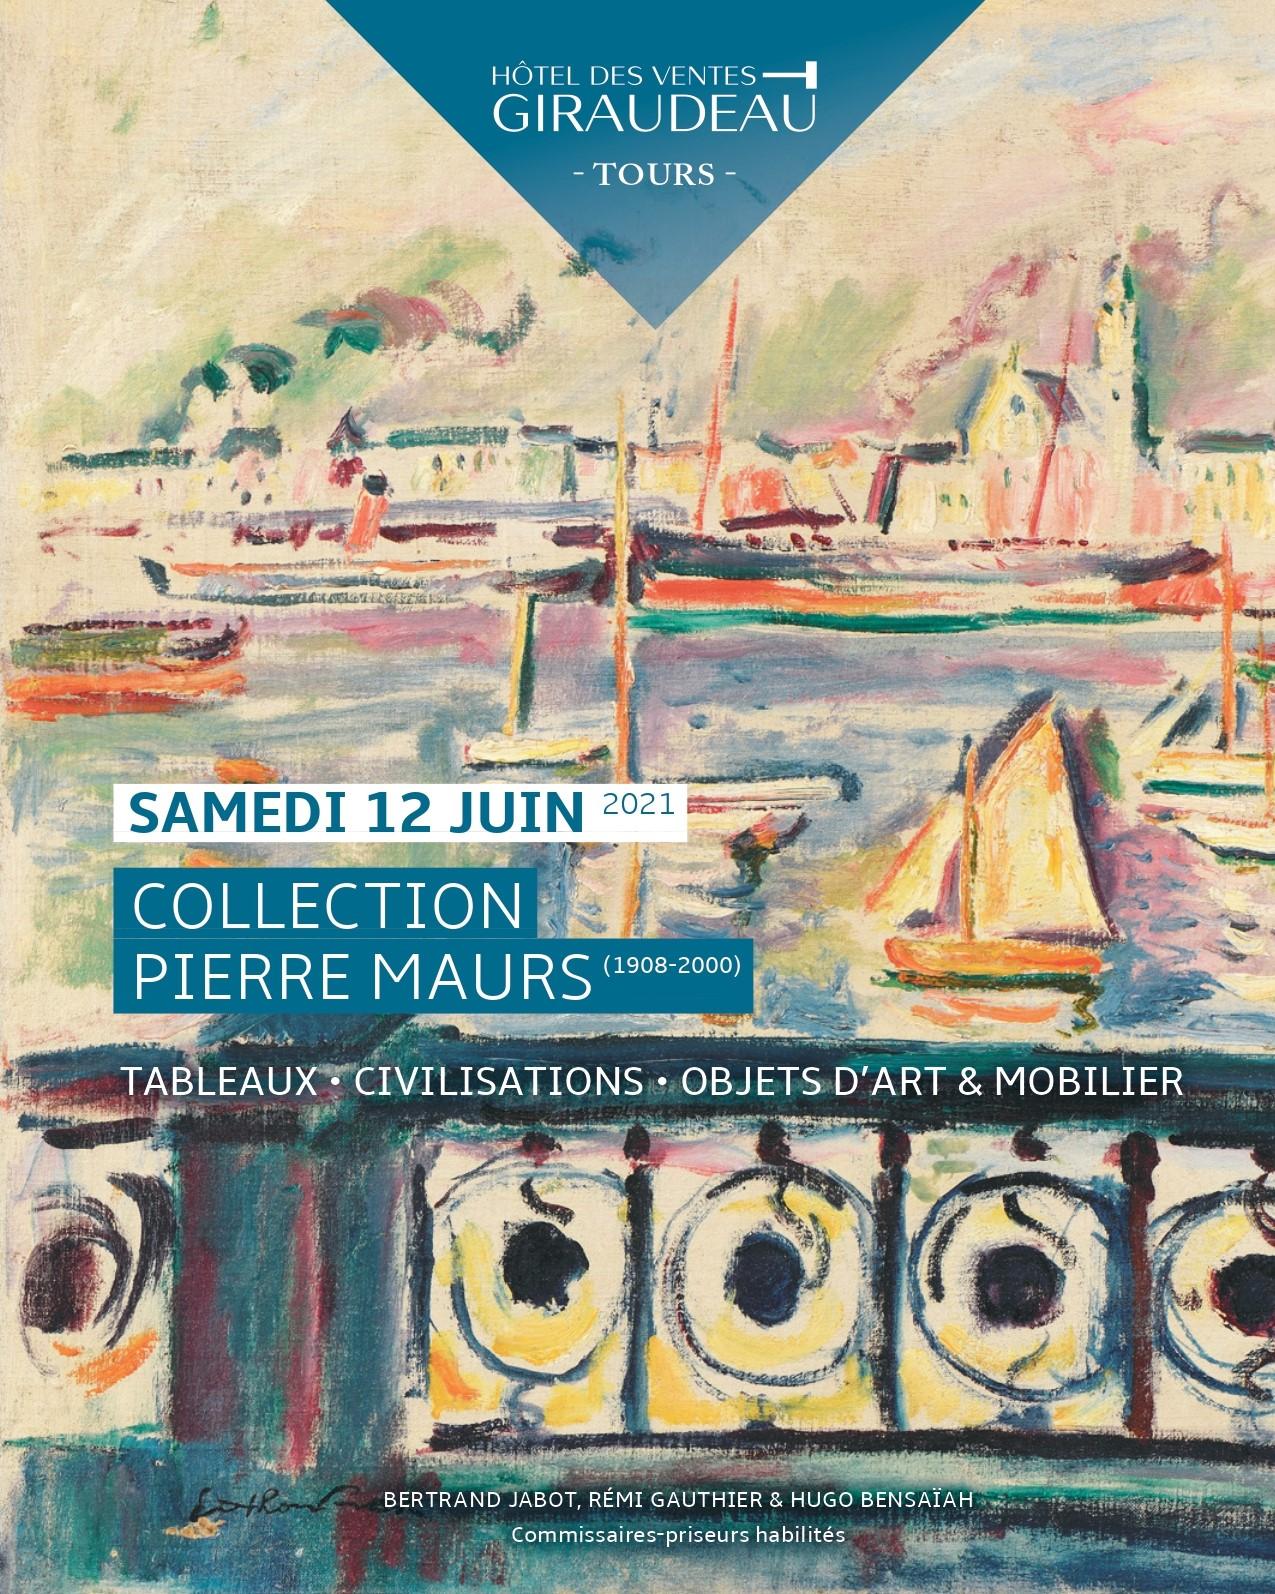 Vente Collection Pierre MAURS (1908-2000) : Tableaux, Civilisations, Objets d'Art et Mobilier. chez Hôtel des Ventes Giraudeau : 129 lots